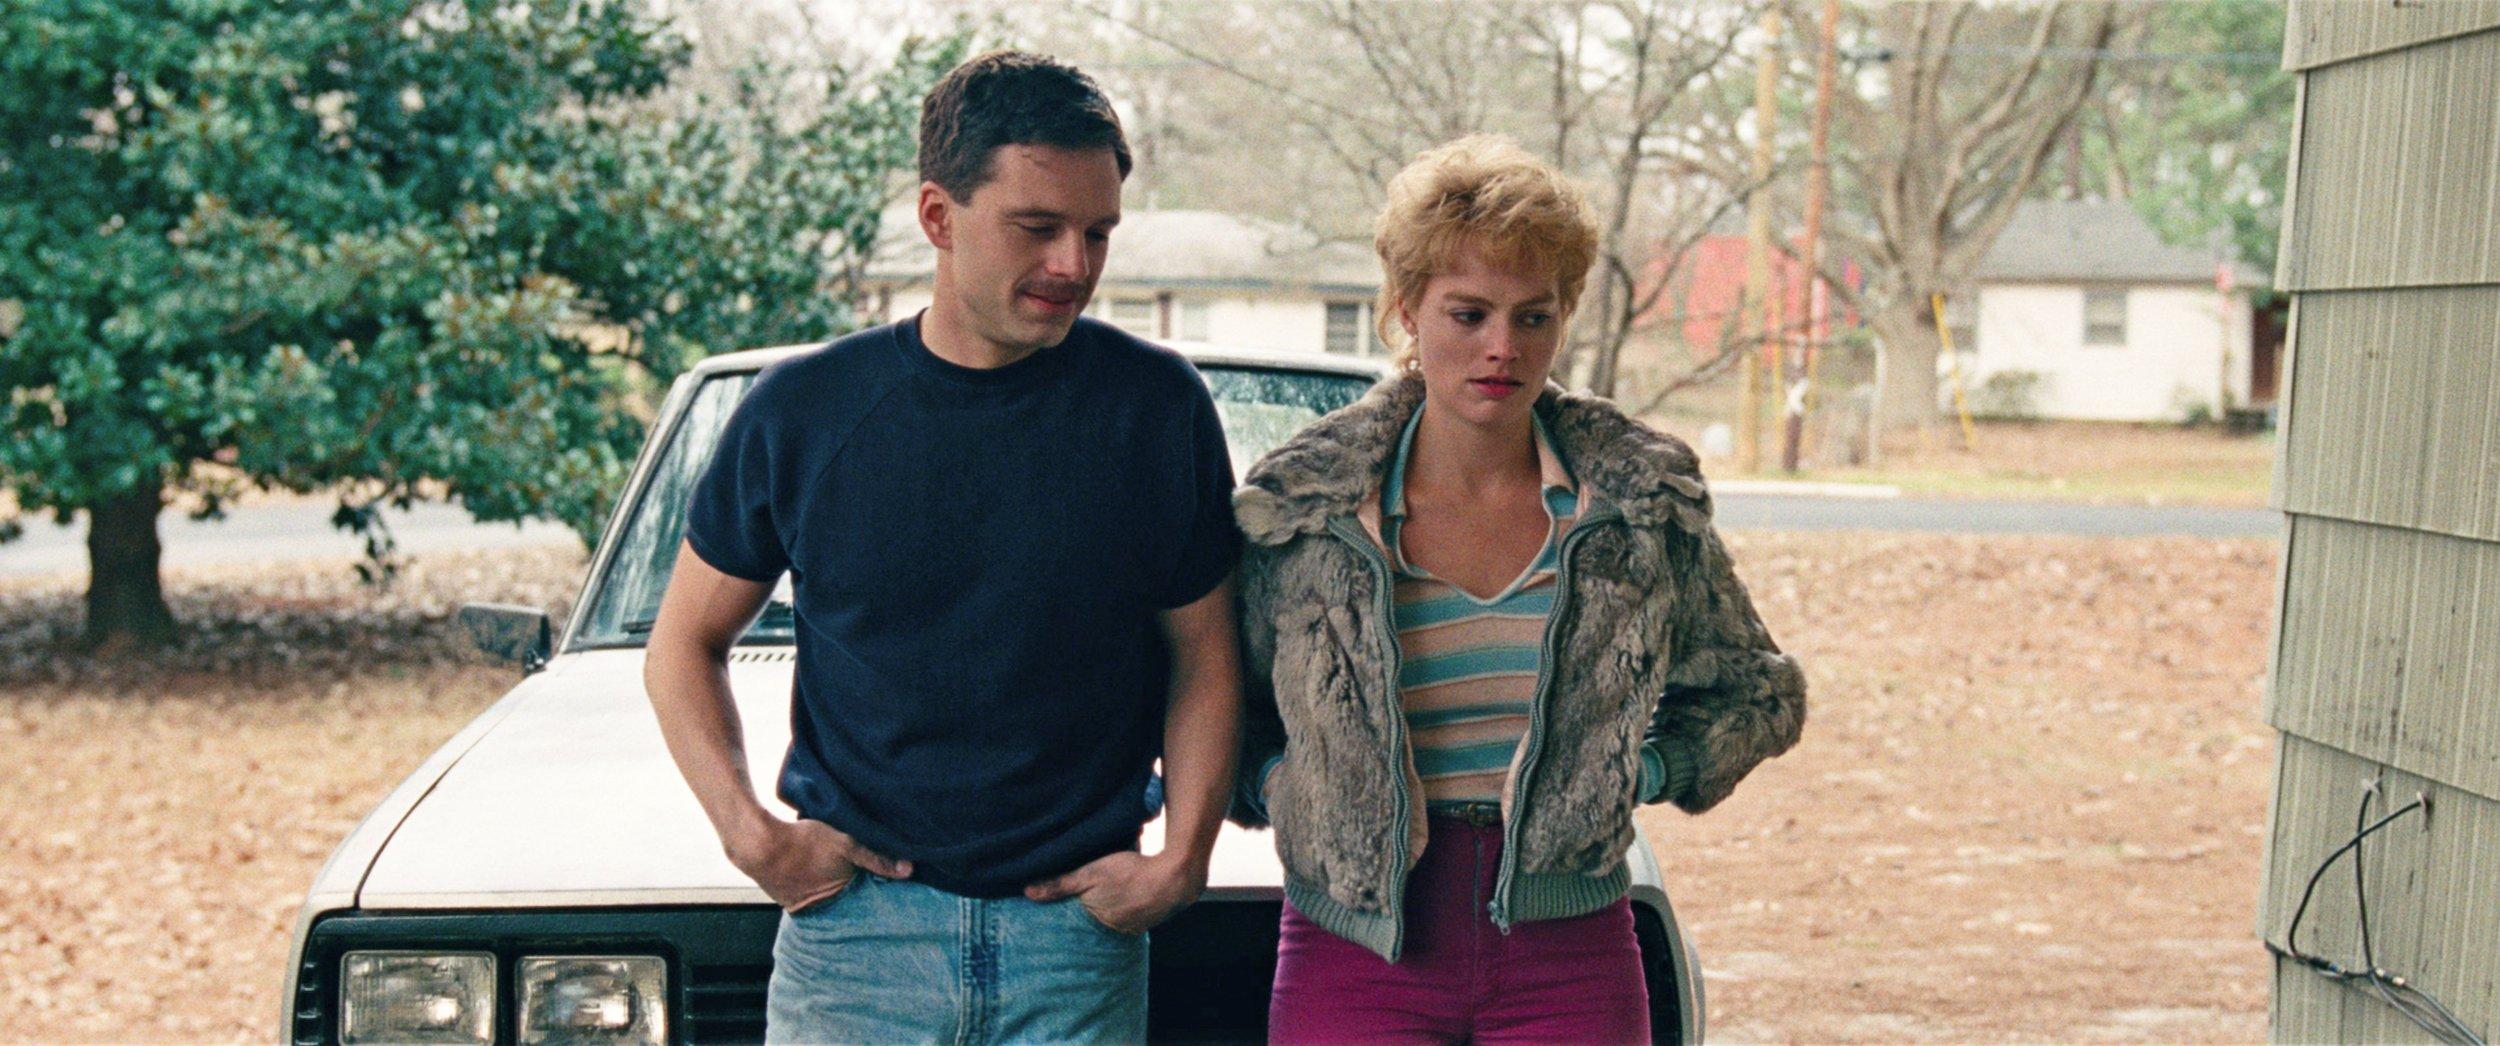 Sebastian Stan as Jeff Gillooly and Margot Robbie as Tonya Harding.